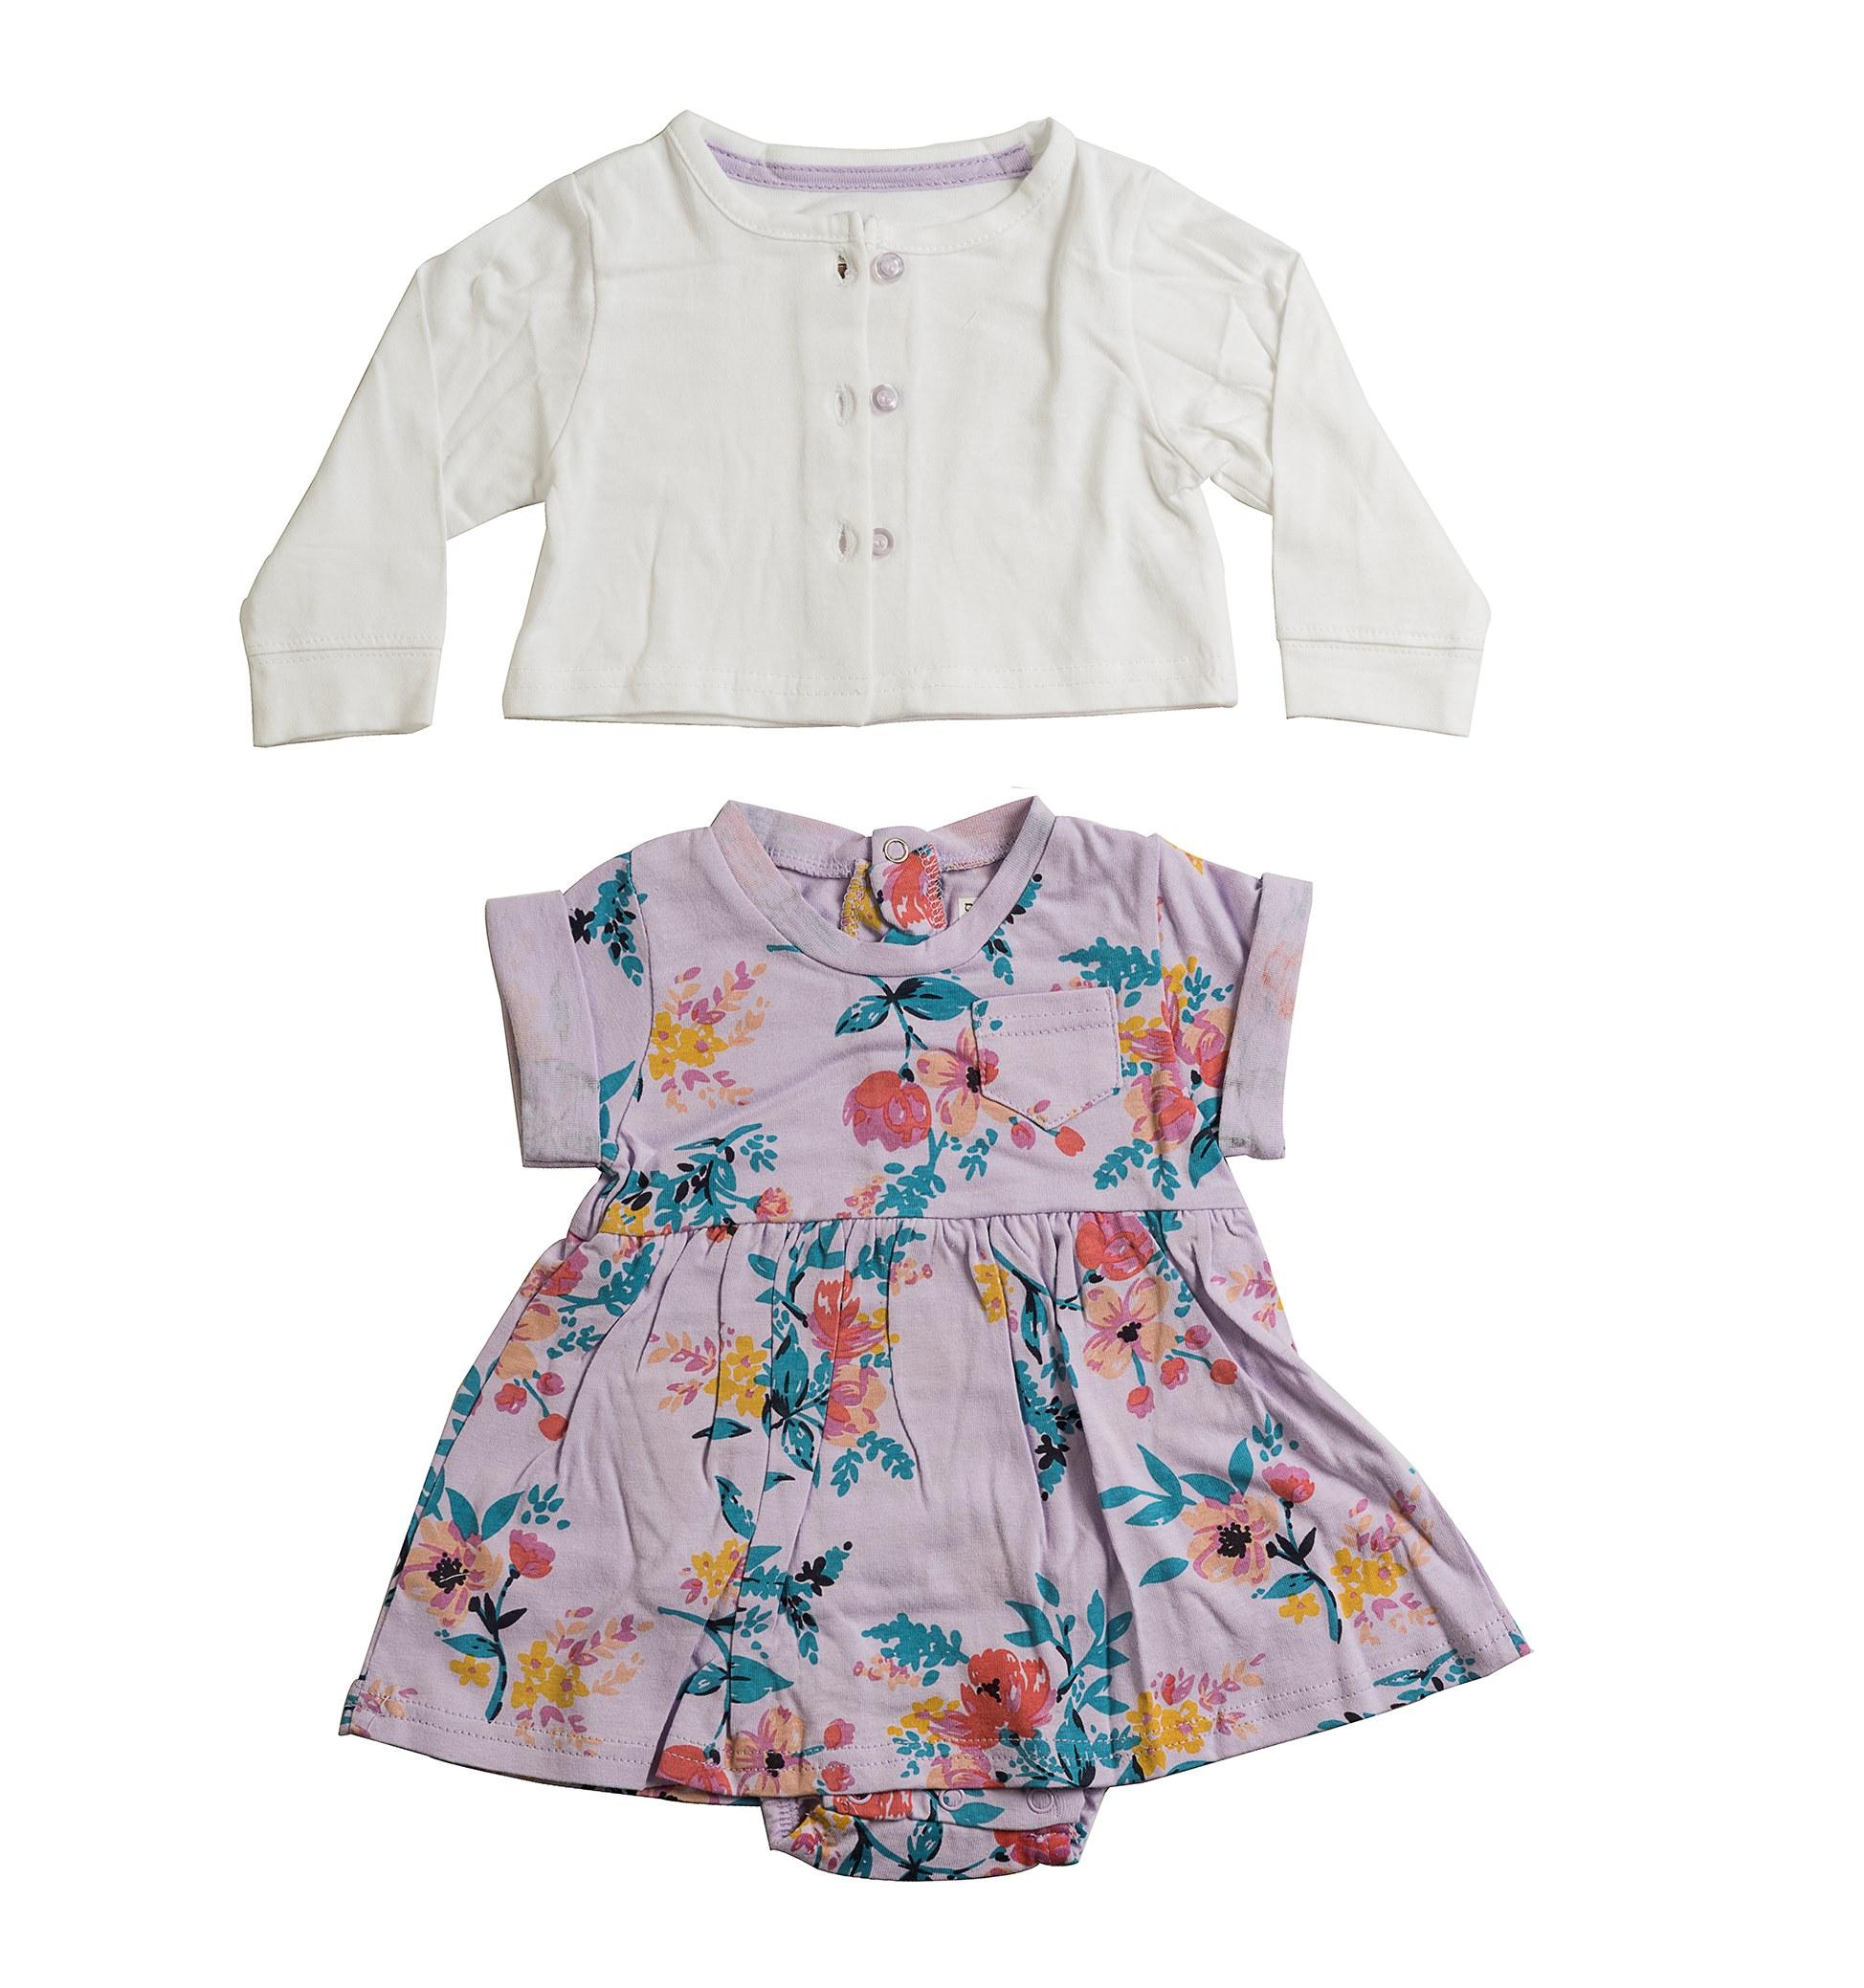 שמלת אוברול ועליונית 4611  סגול לילך - לבן